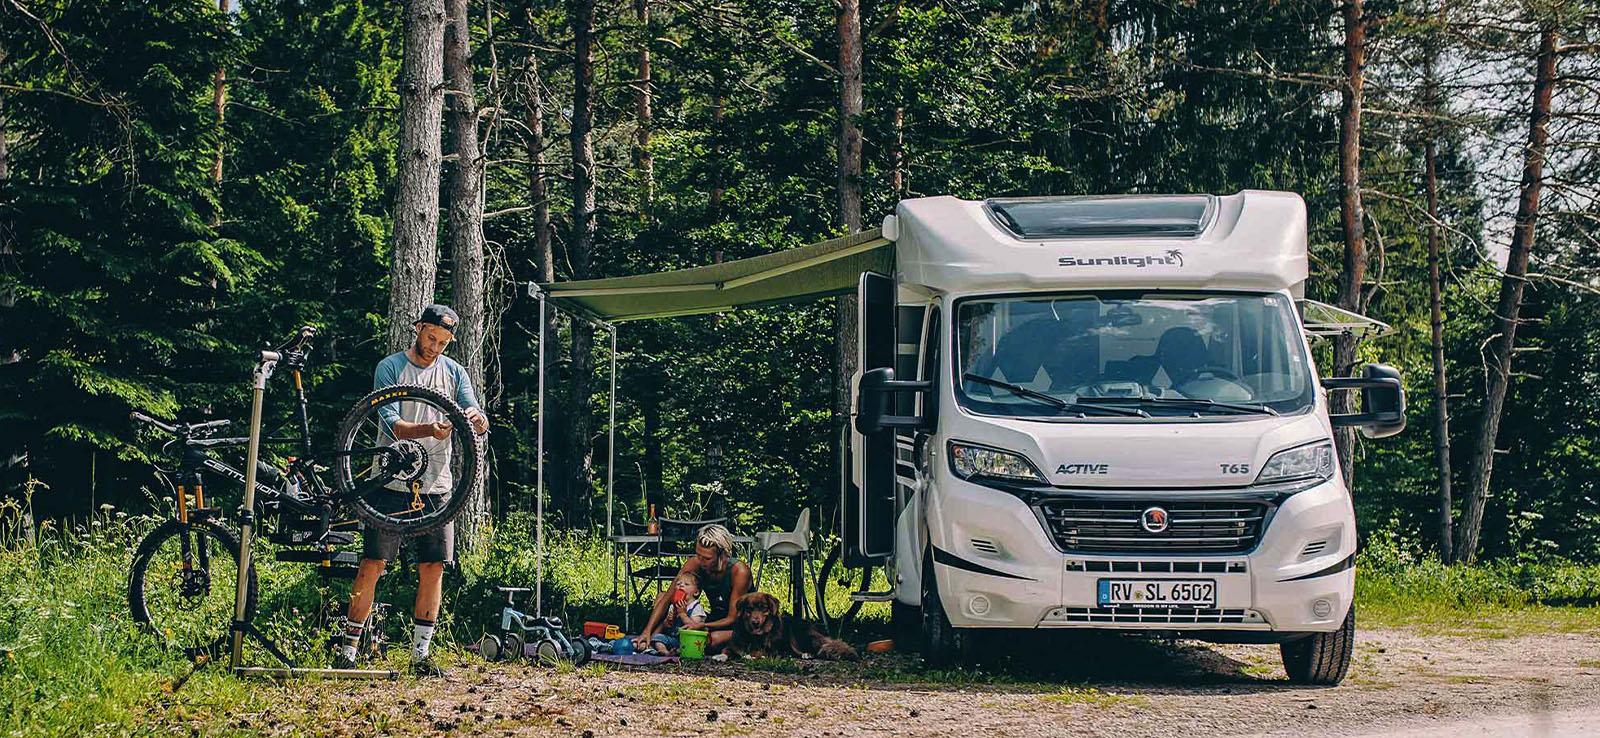 Exklusiv im Saarland: Verkauf hochwertiger Vans und Wohnmobile zu günstigen Konditionen